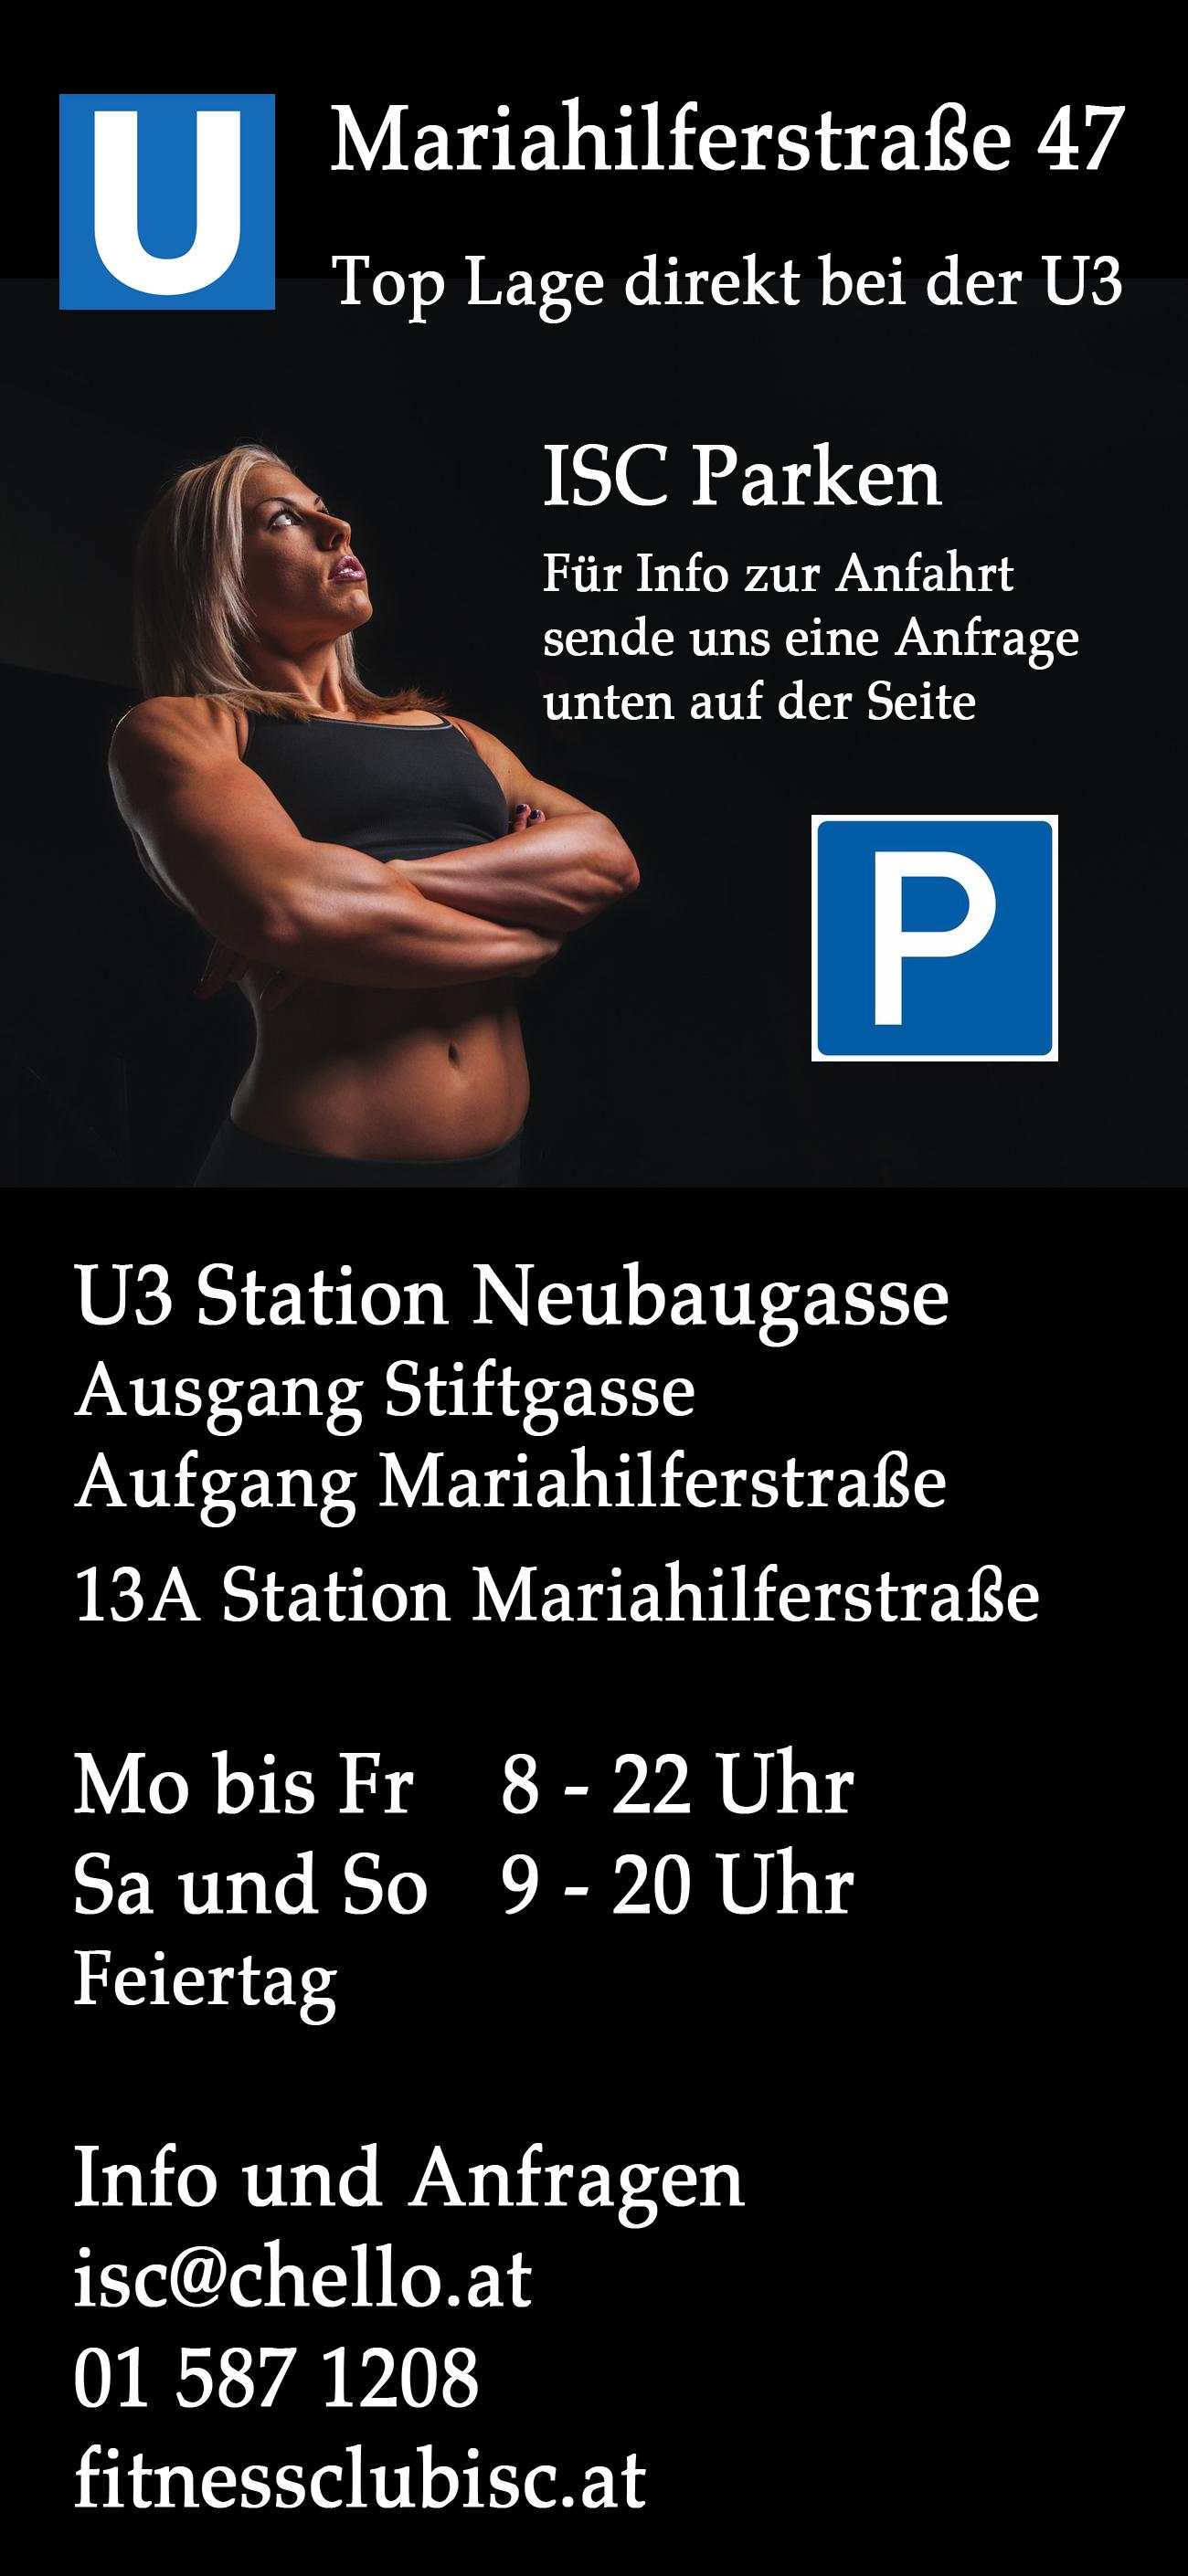 Top Lage Mariahilferstraße 47 direkt bei der U3